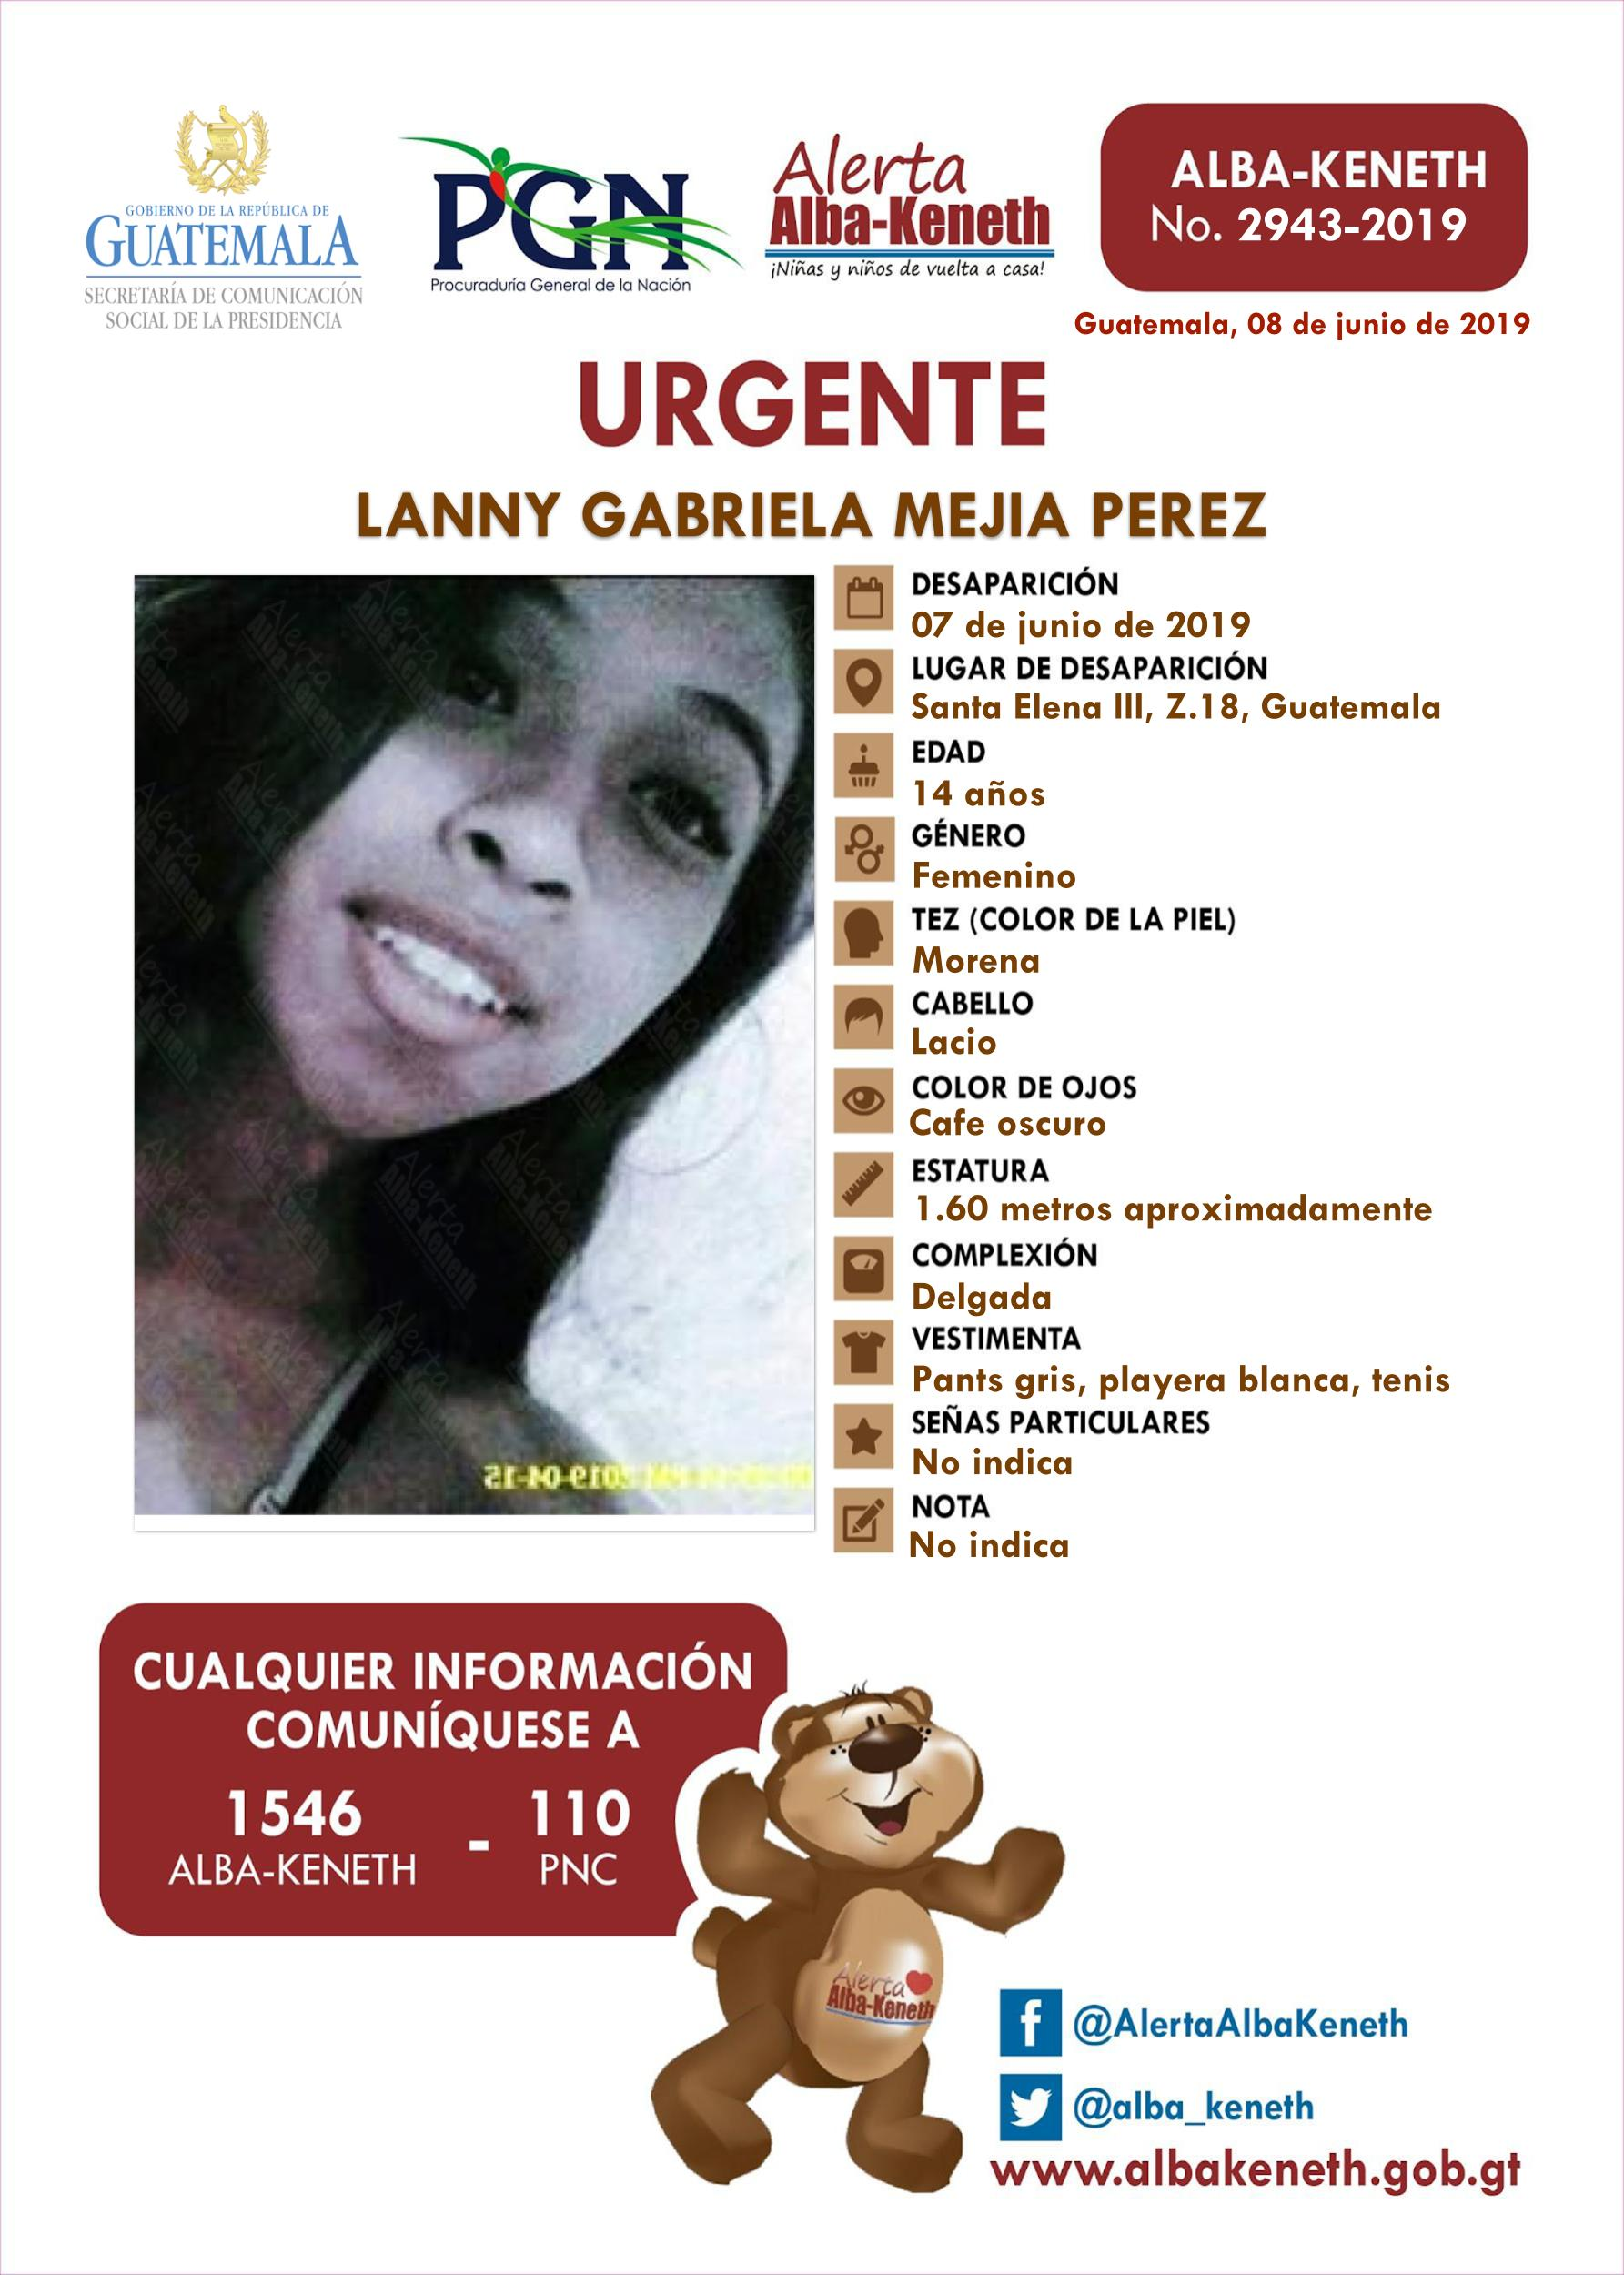 Lanny Gabriela Mejia Perez